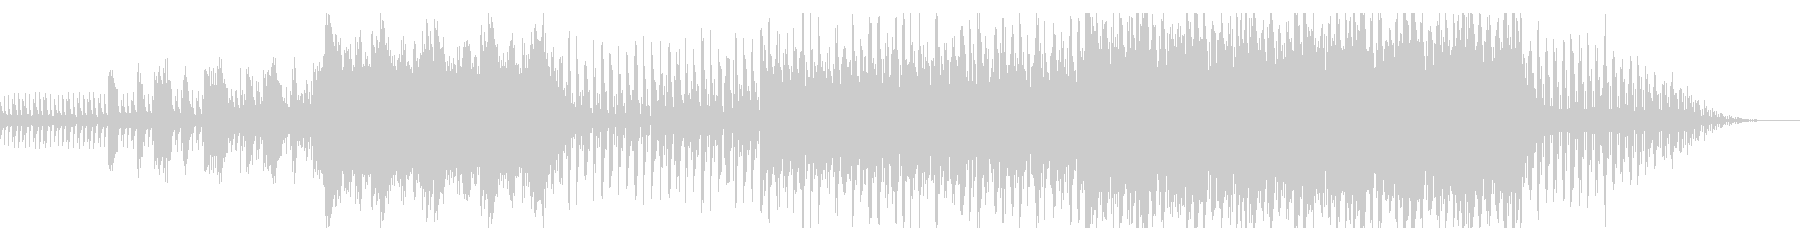 マリンバやピアノが絡み合う変拍子ミニマルの未再生の波形